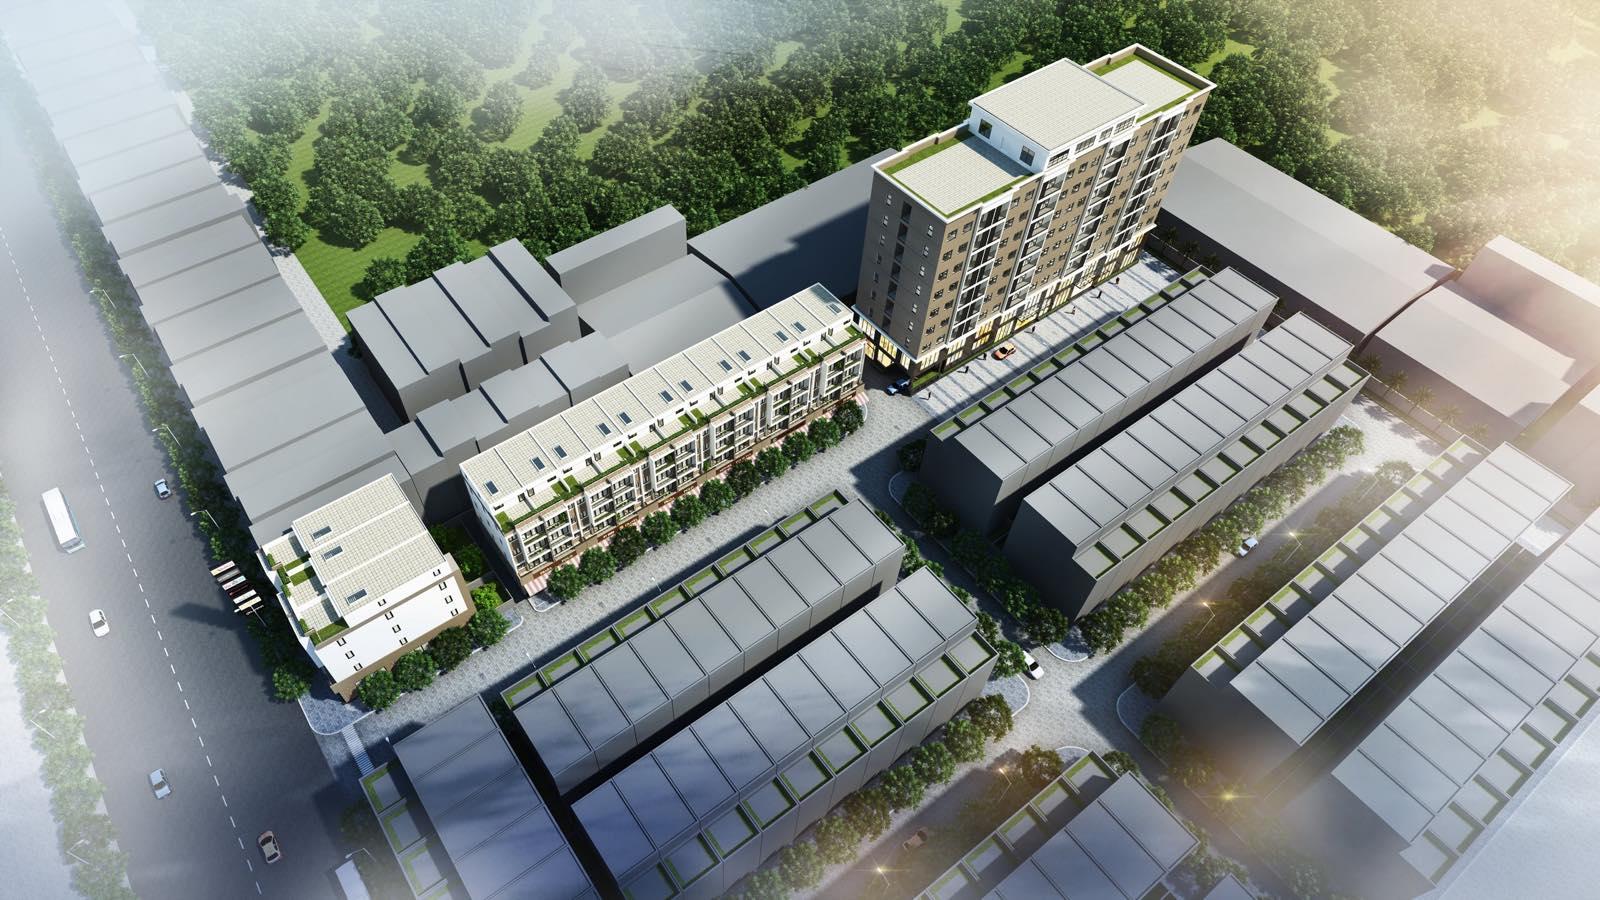 Dự án Lavender Garden 176 Định Công - Cơ hội duy nhất mua nhà nội đô giá 1 tỷ 5